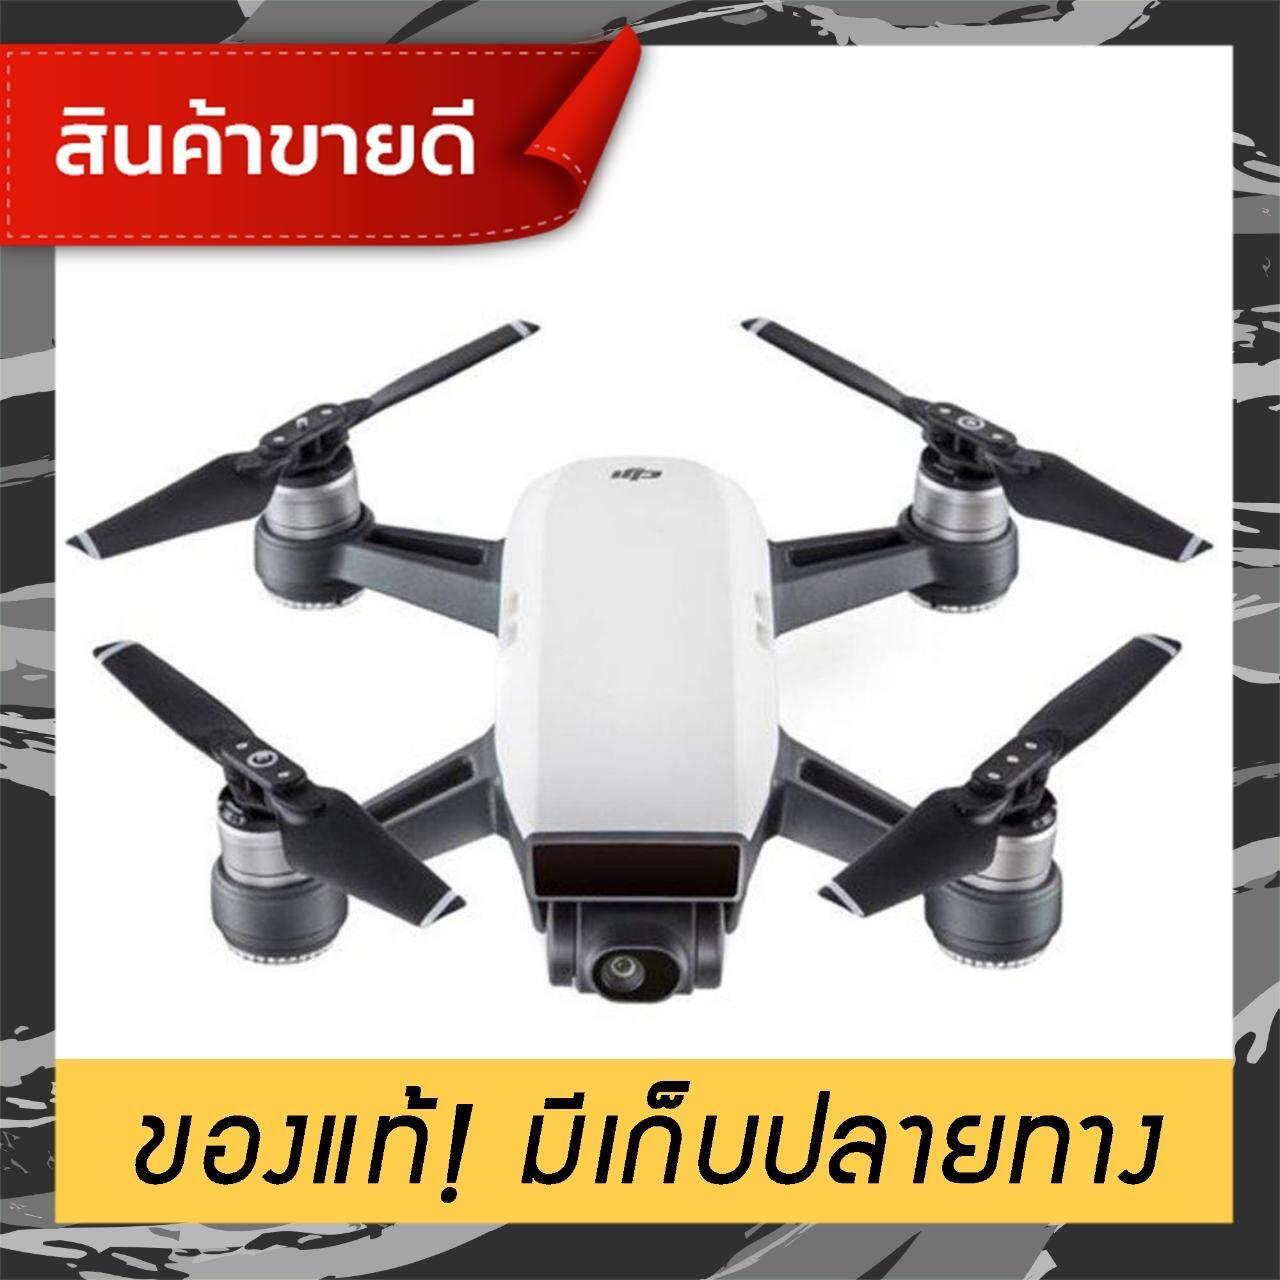 ((มีสินค้า)) Drone (โดรน) Dji Spark (white) โดรน Mavic Pro Camera โดรนบิน Drone ราคา กล้อง ดิจิตอล เครื่องบิน บังคับ วิทยุ ขาย เครื่องบิน บังคับ เครื่องบิน บังคับ วิทยุ ราคา ถูก ราคา เครื่องบิน บังคับ ราคา Drone เครื่องบิน บังคับ ราคา กล้อง ราคา ถูก ร้า.